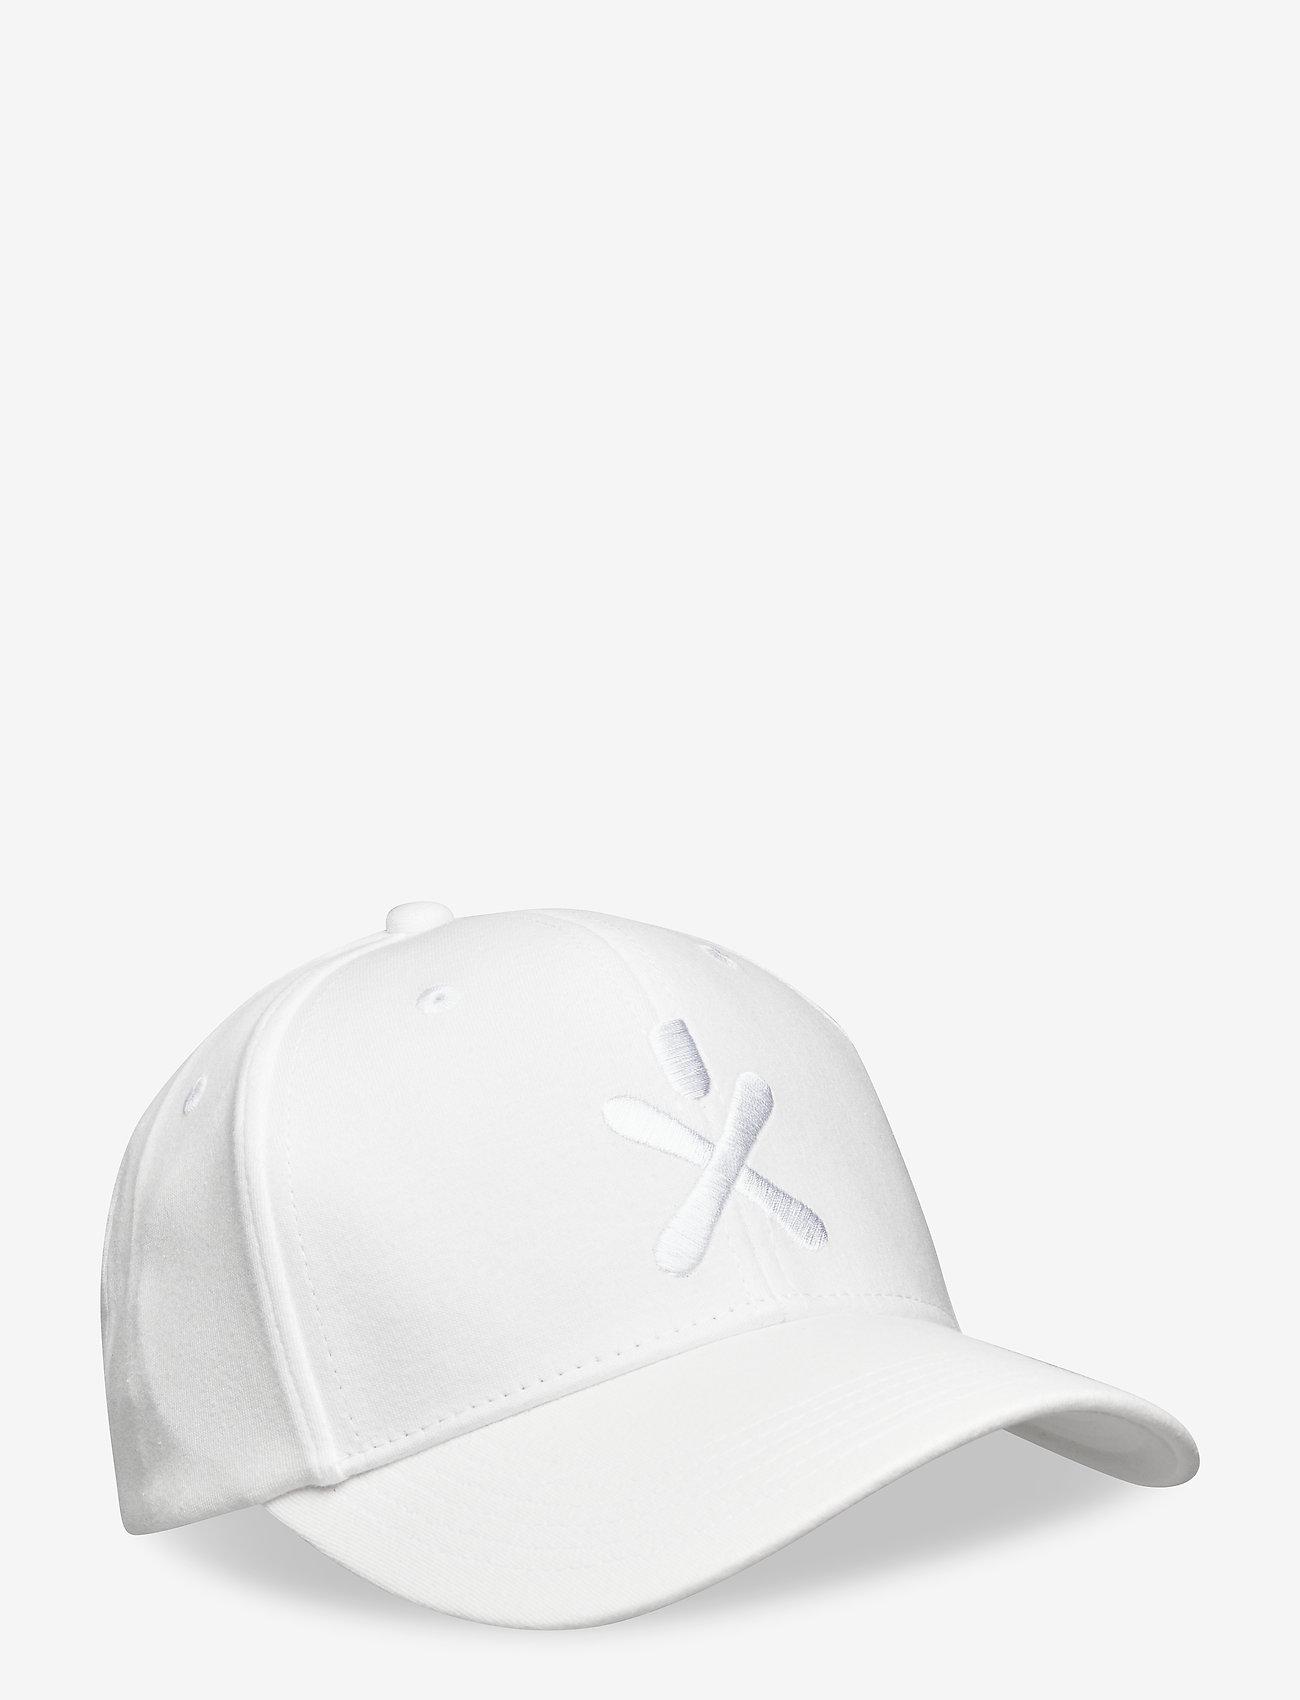 Bula - PACIFICCAP - kappen - white - 0